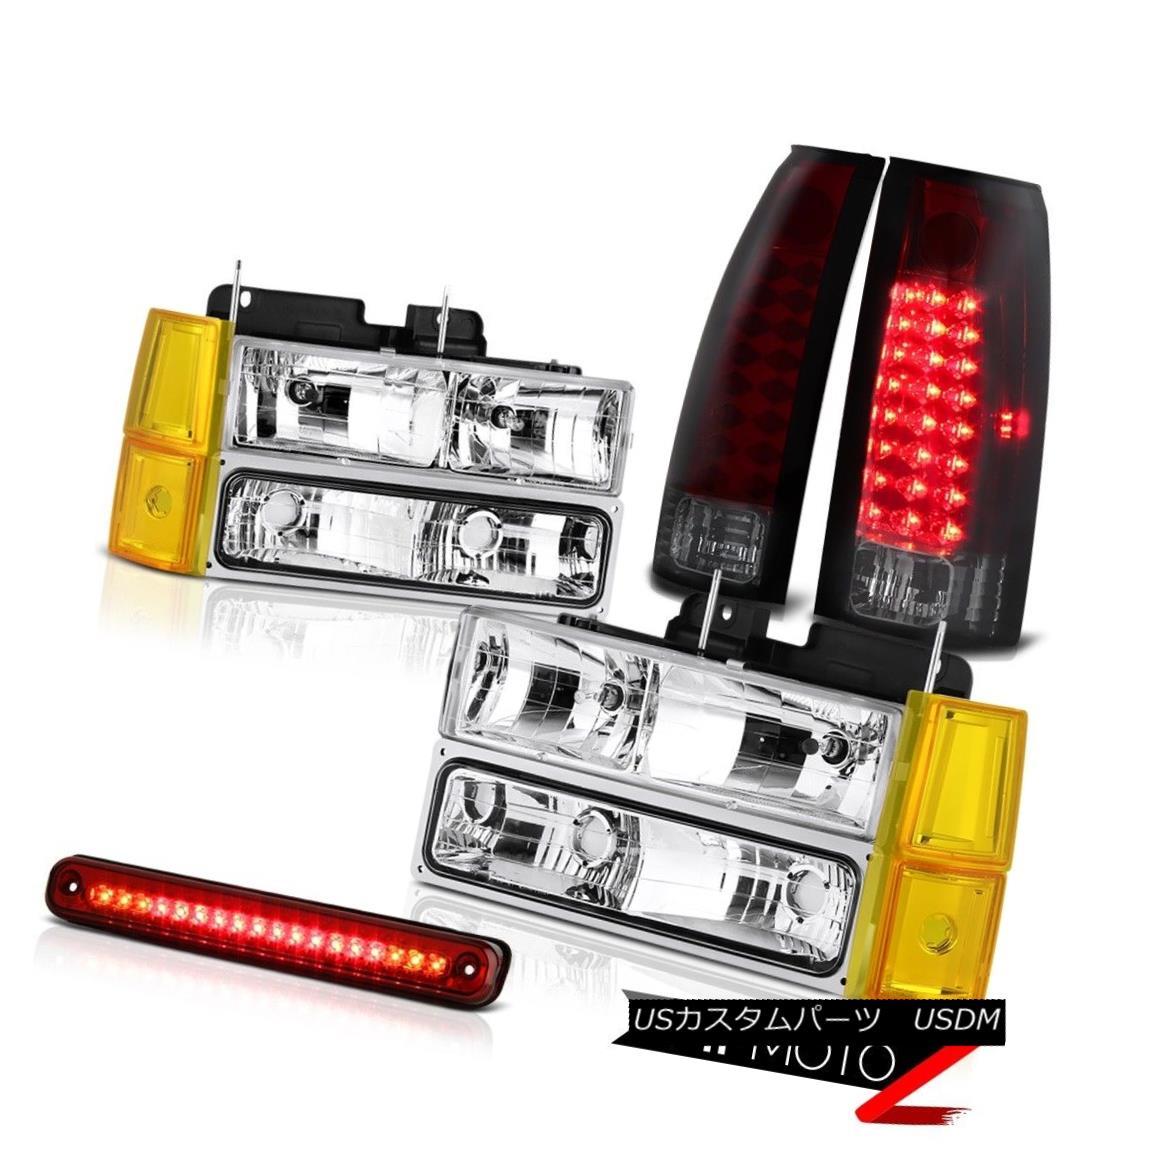 テールライト 1994-1998 GMC C2500 Headlamps Bumper Red 3RD Brake Light Tail Lights Assembly 1994-1998 GMC C2500ヘッドランプバンパーレッド3RDブレーキライトテールライトアセンブリ